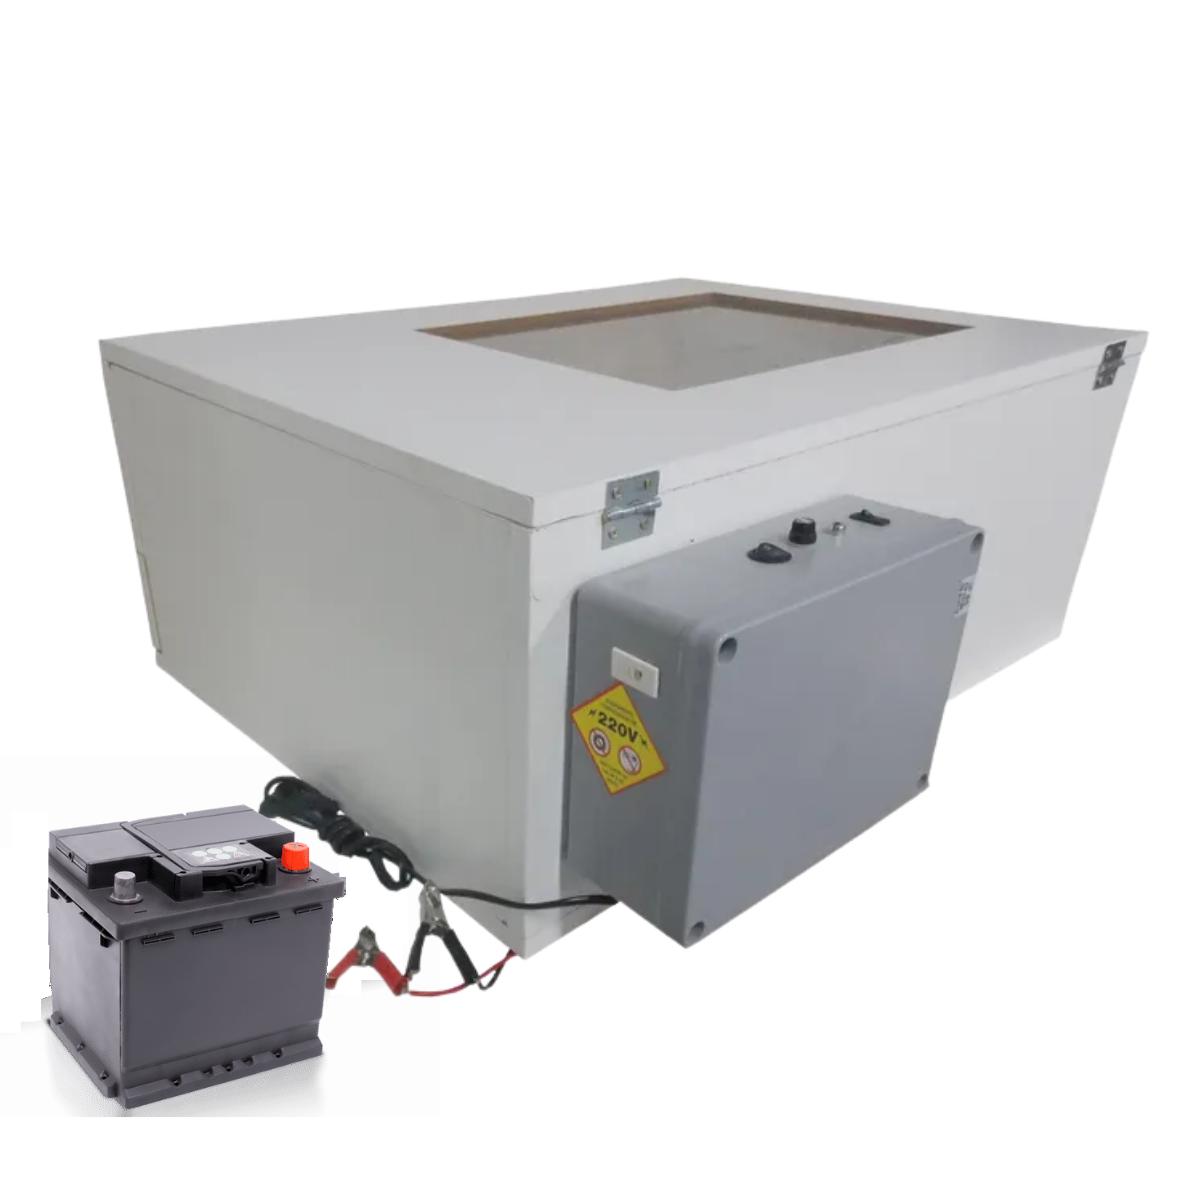 Chocadeira ALTA ECLOSÃO BOX Trivolt com Carregador Embutido 120 ovos 6 ventiladores (GCB120TC)  - GALINHA CHOCA CHOCADEIRAS